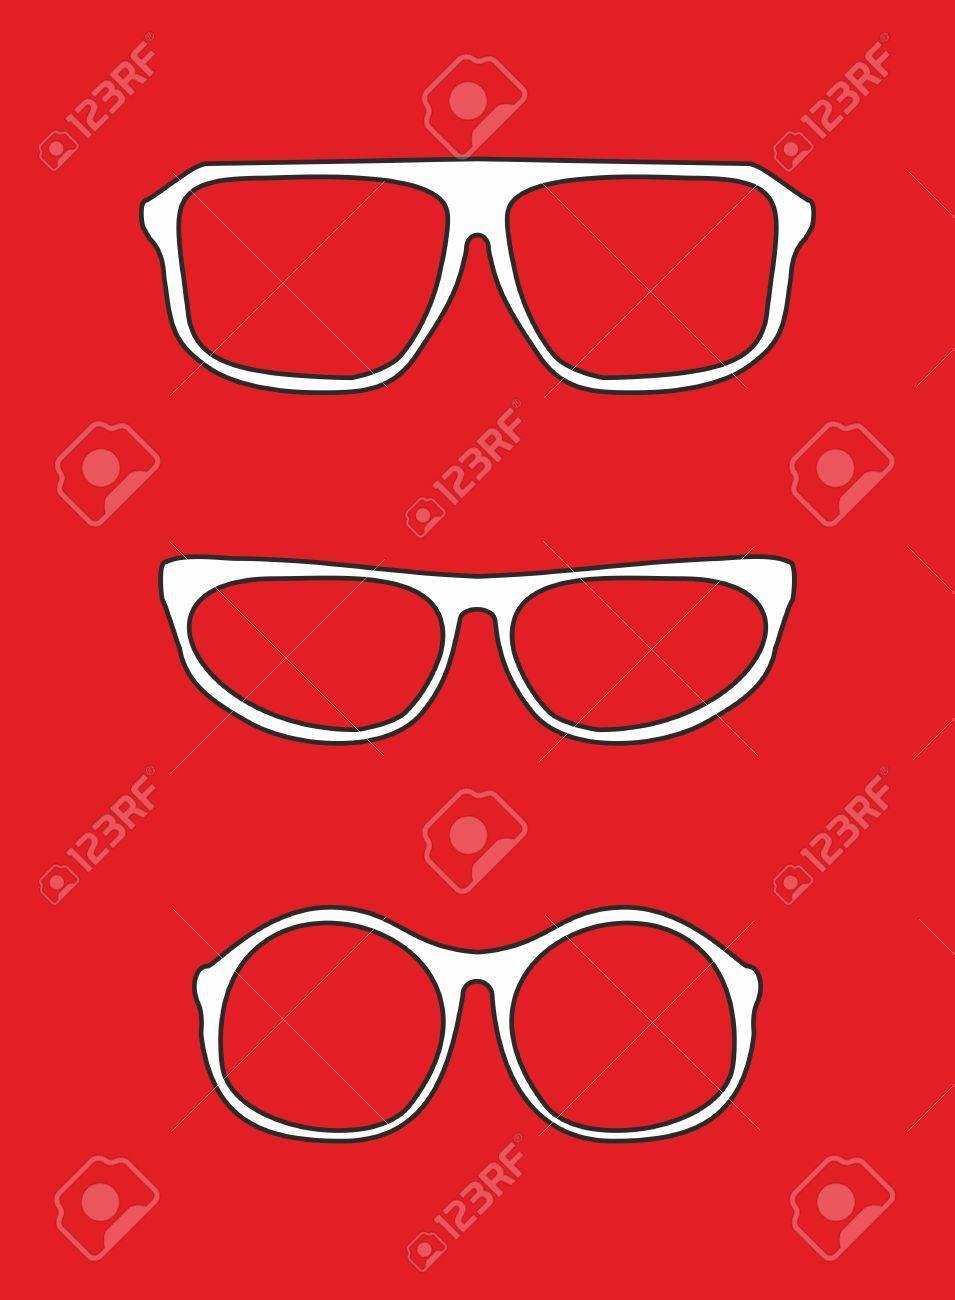 Weiß Nerd-Brille Für Vektor-Professor Oder Sekretärin Mit Dicken ...